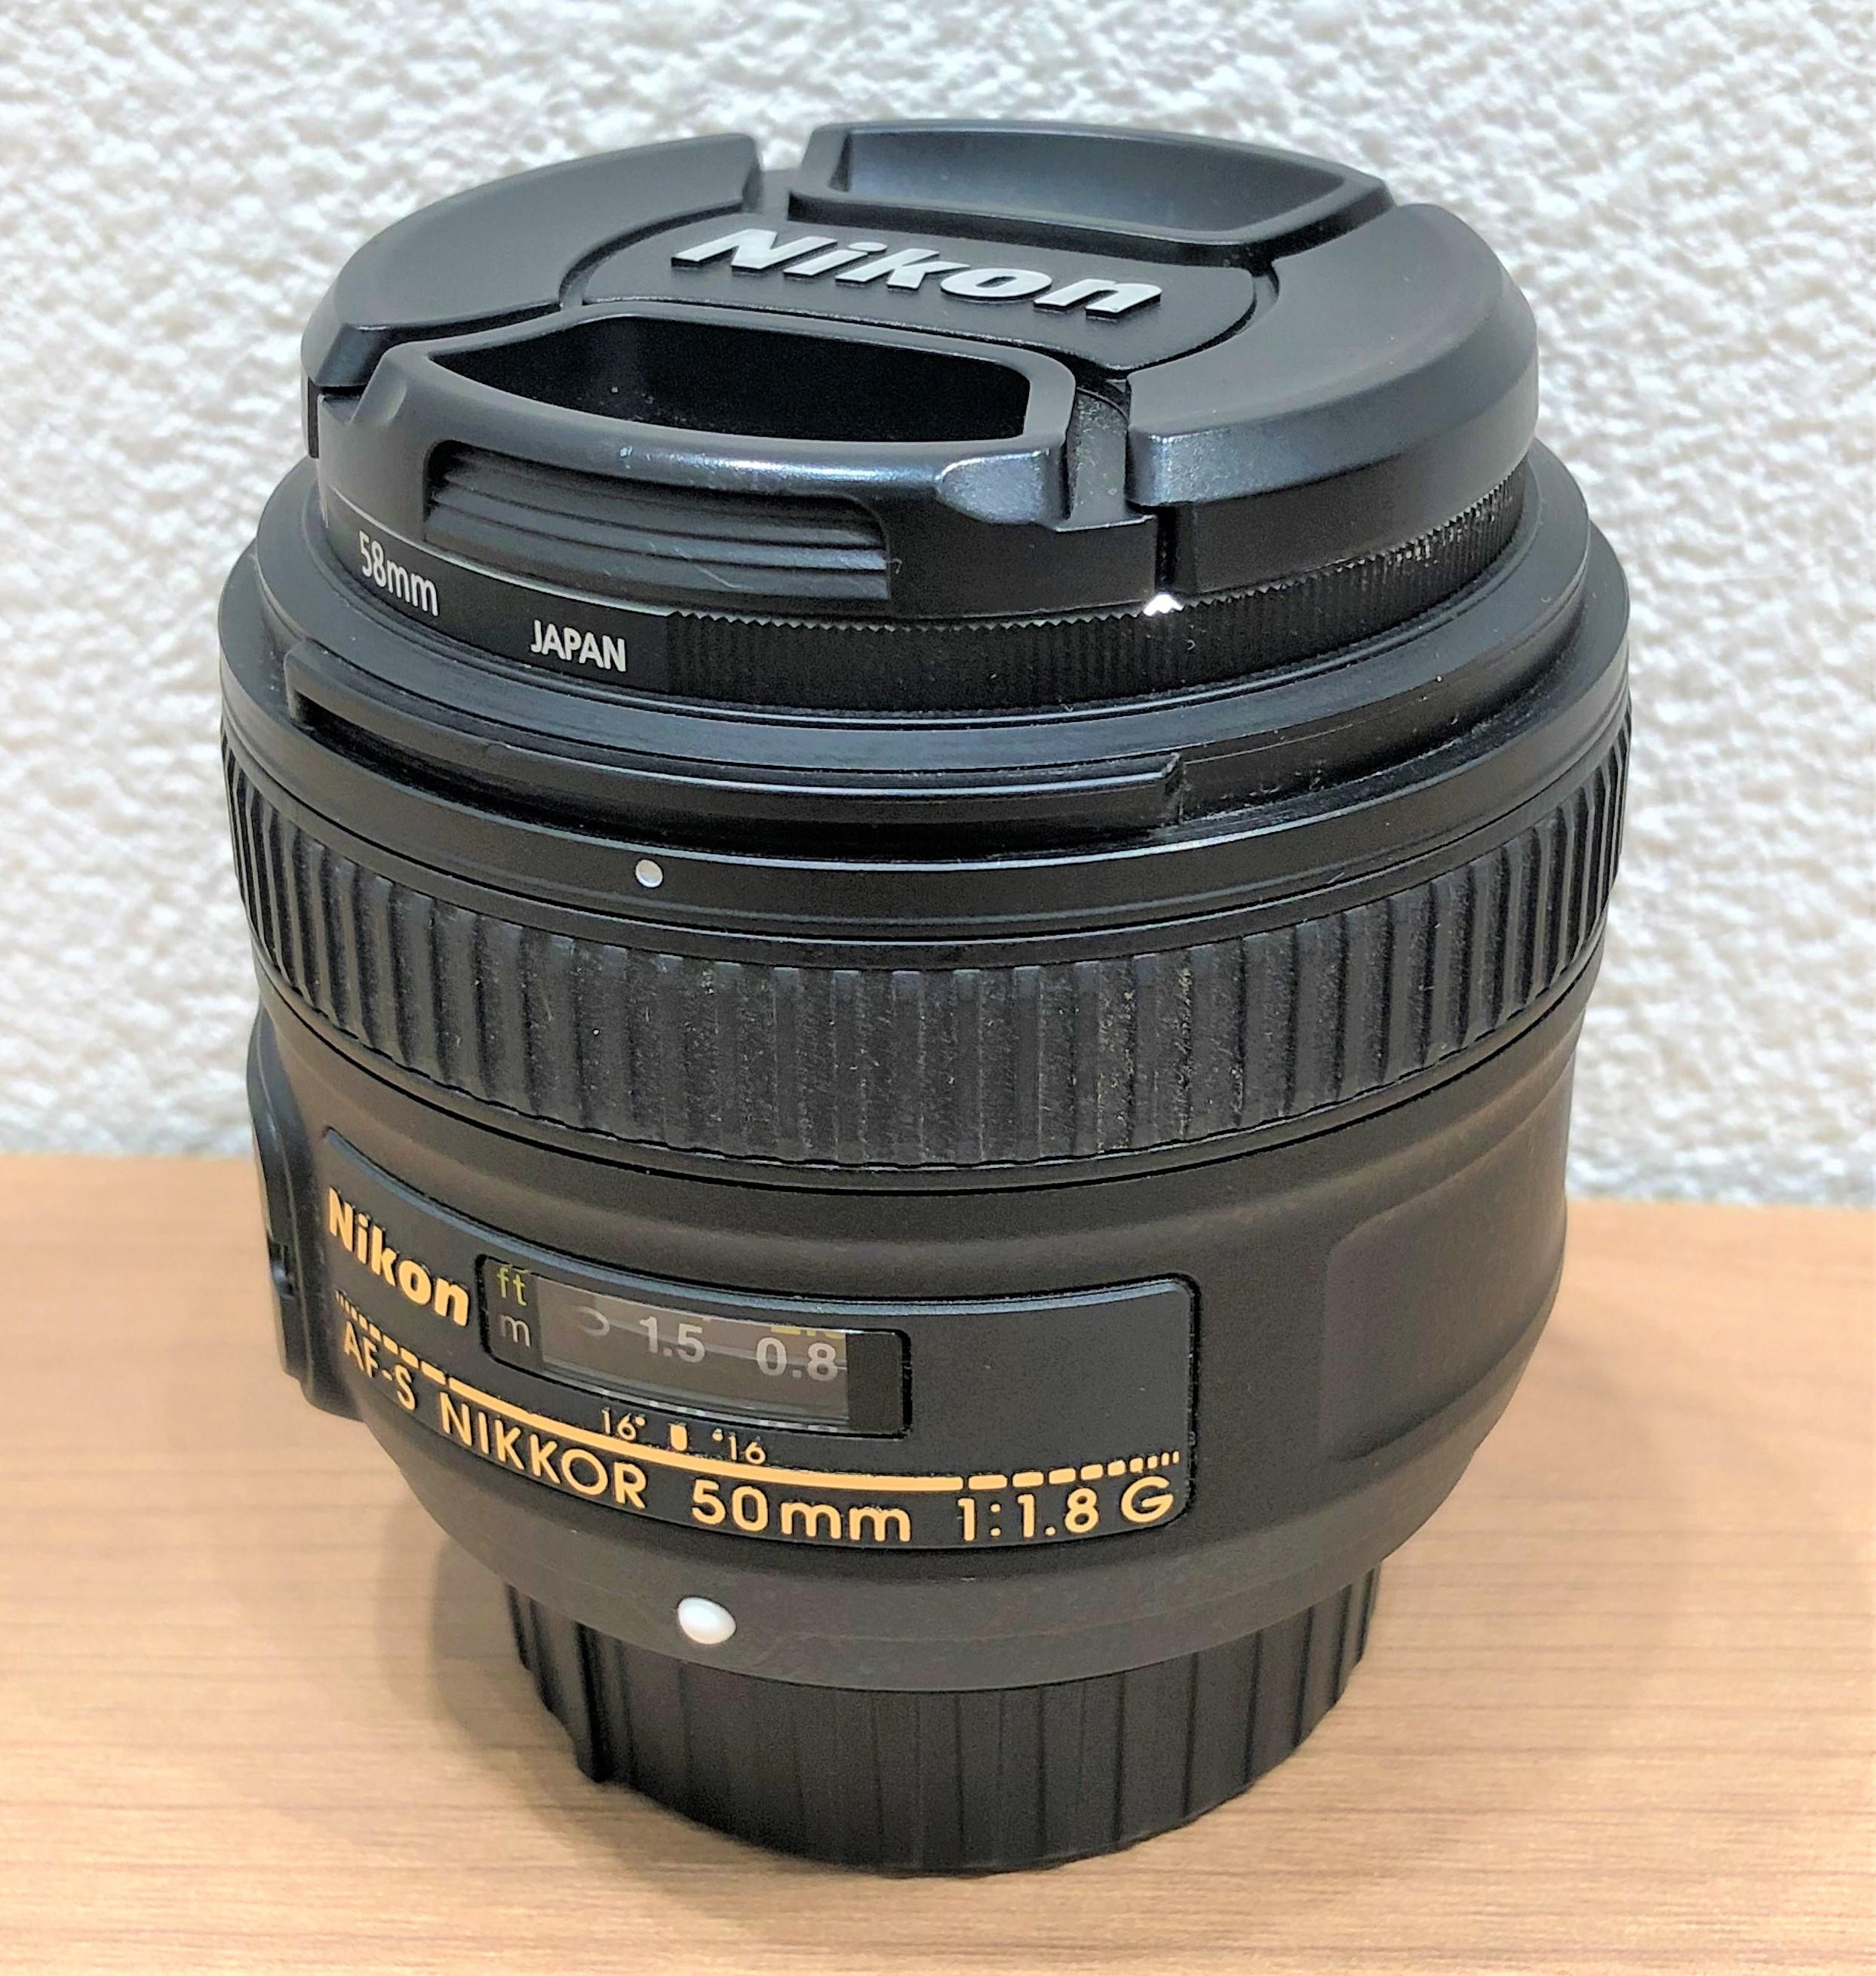 【Nikon/ニコン】AF-S NIKKOR 50mm 11.8G レンズ